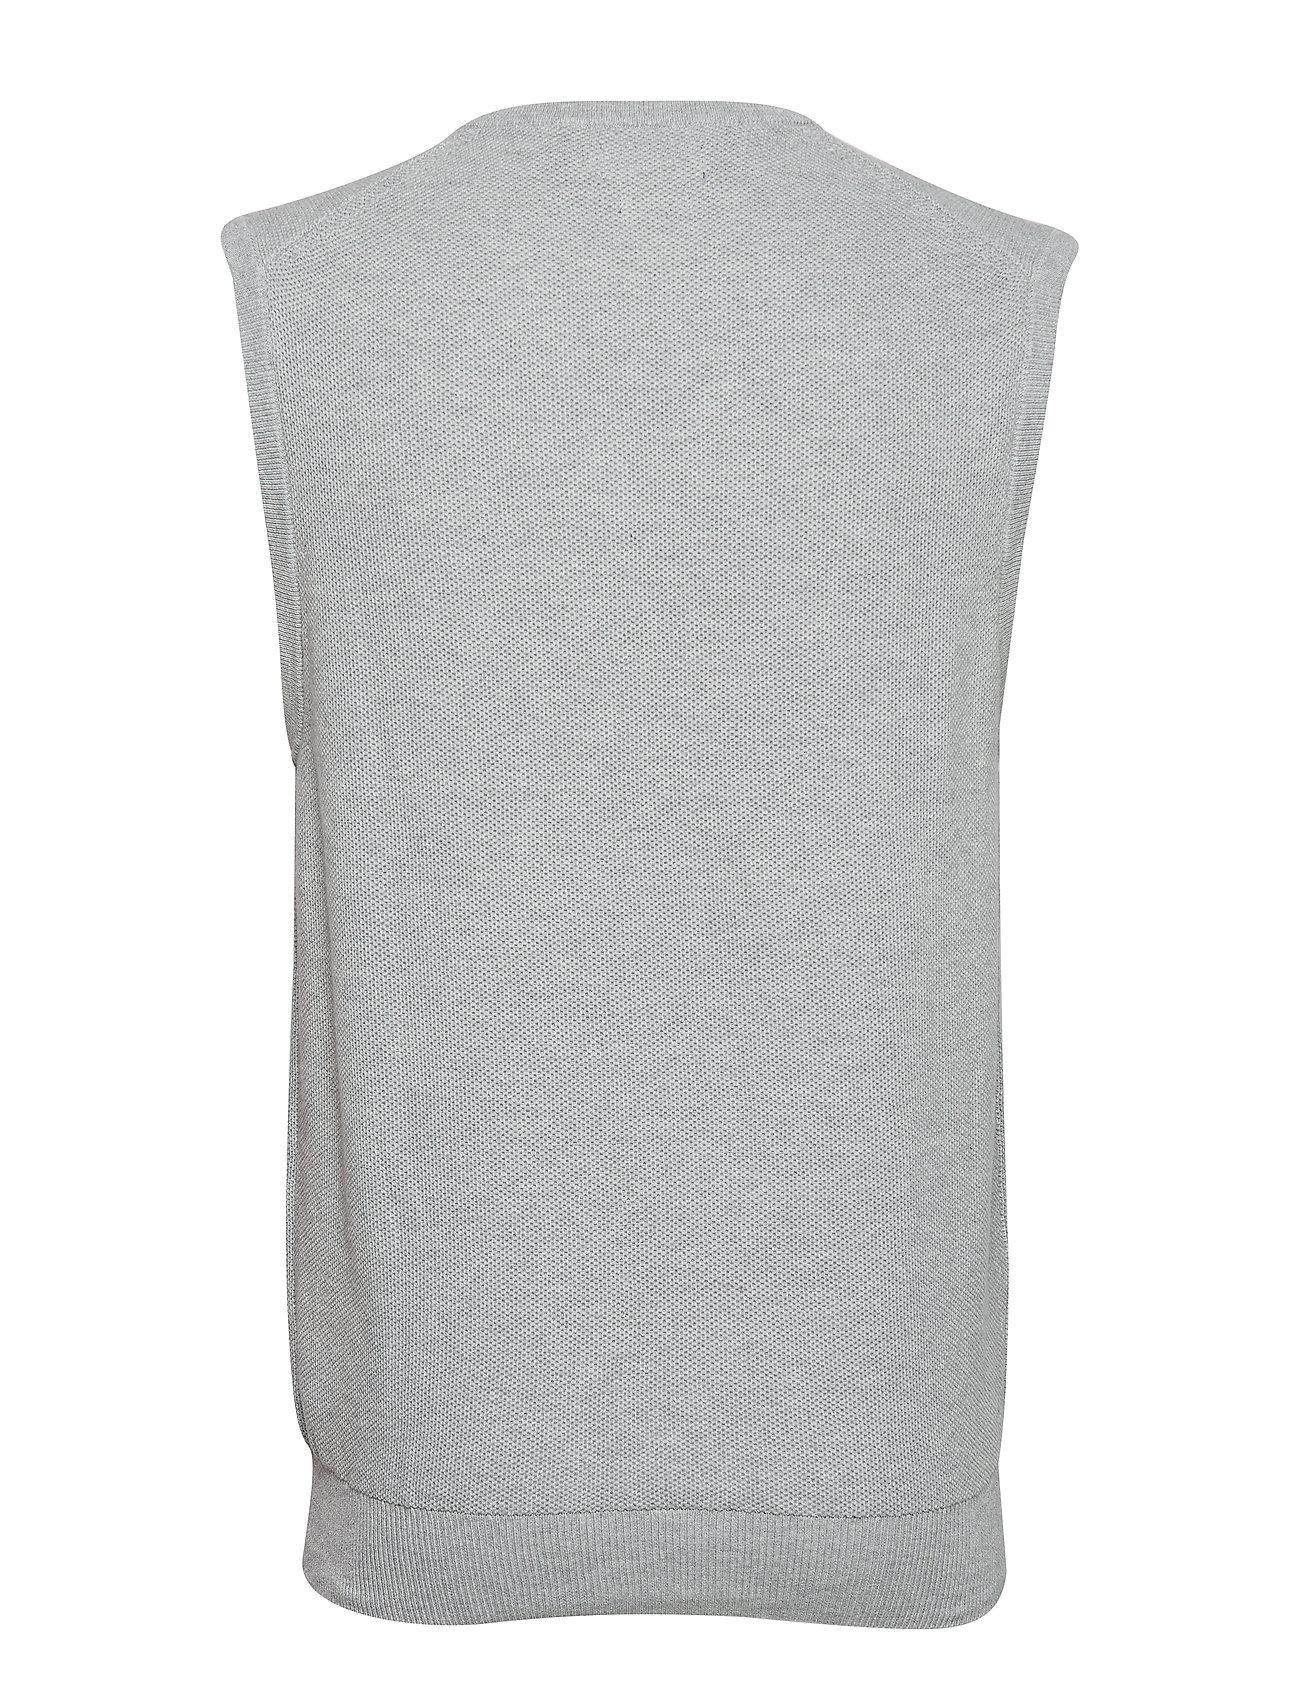 HeatherPolo Cotton Sweater Vestandover V Ralph neck Lauren 34L5AqRcj